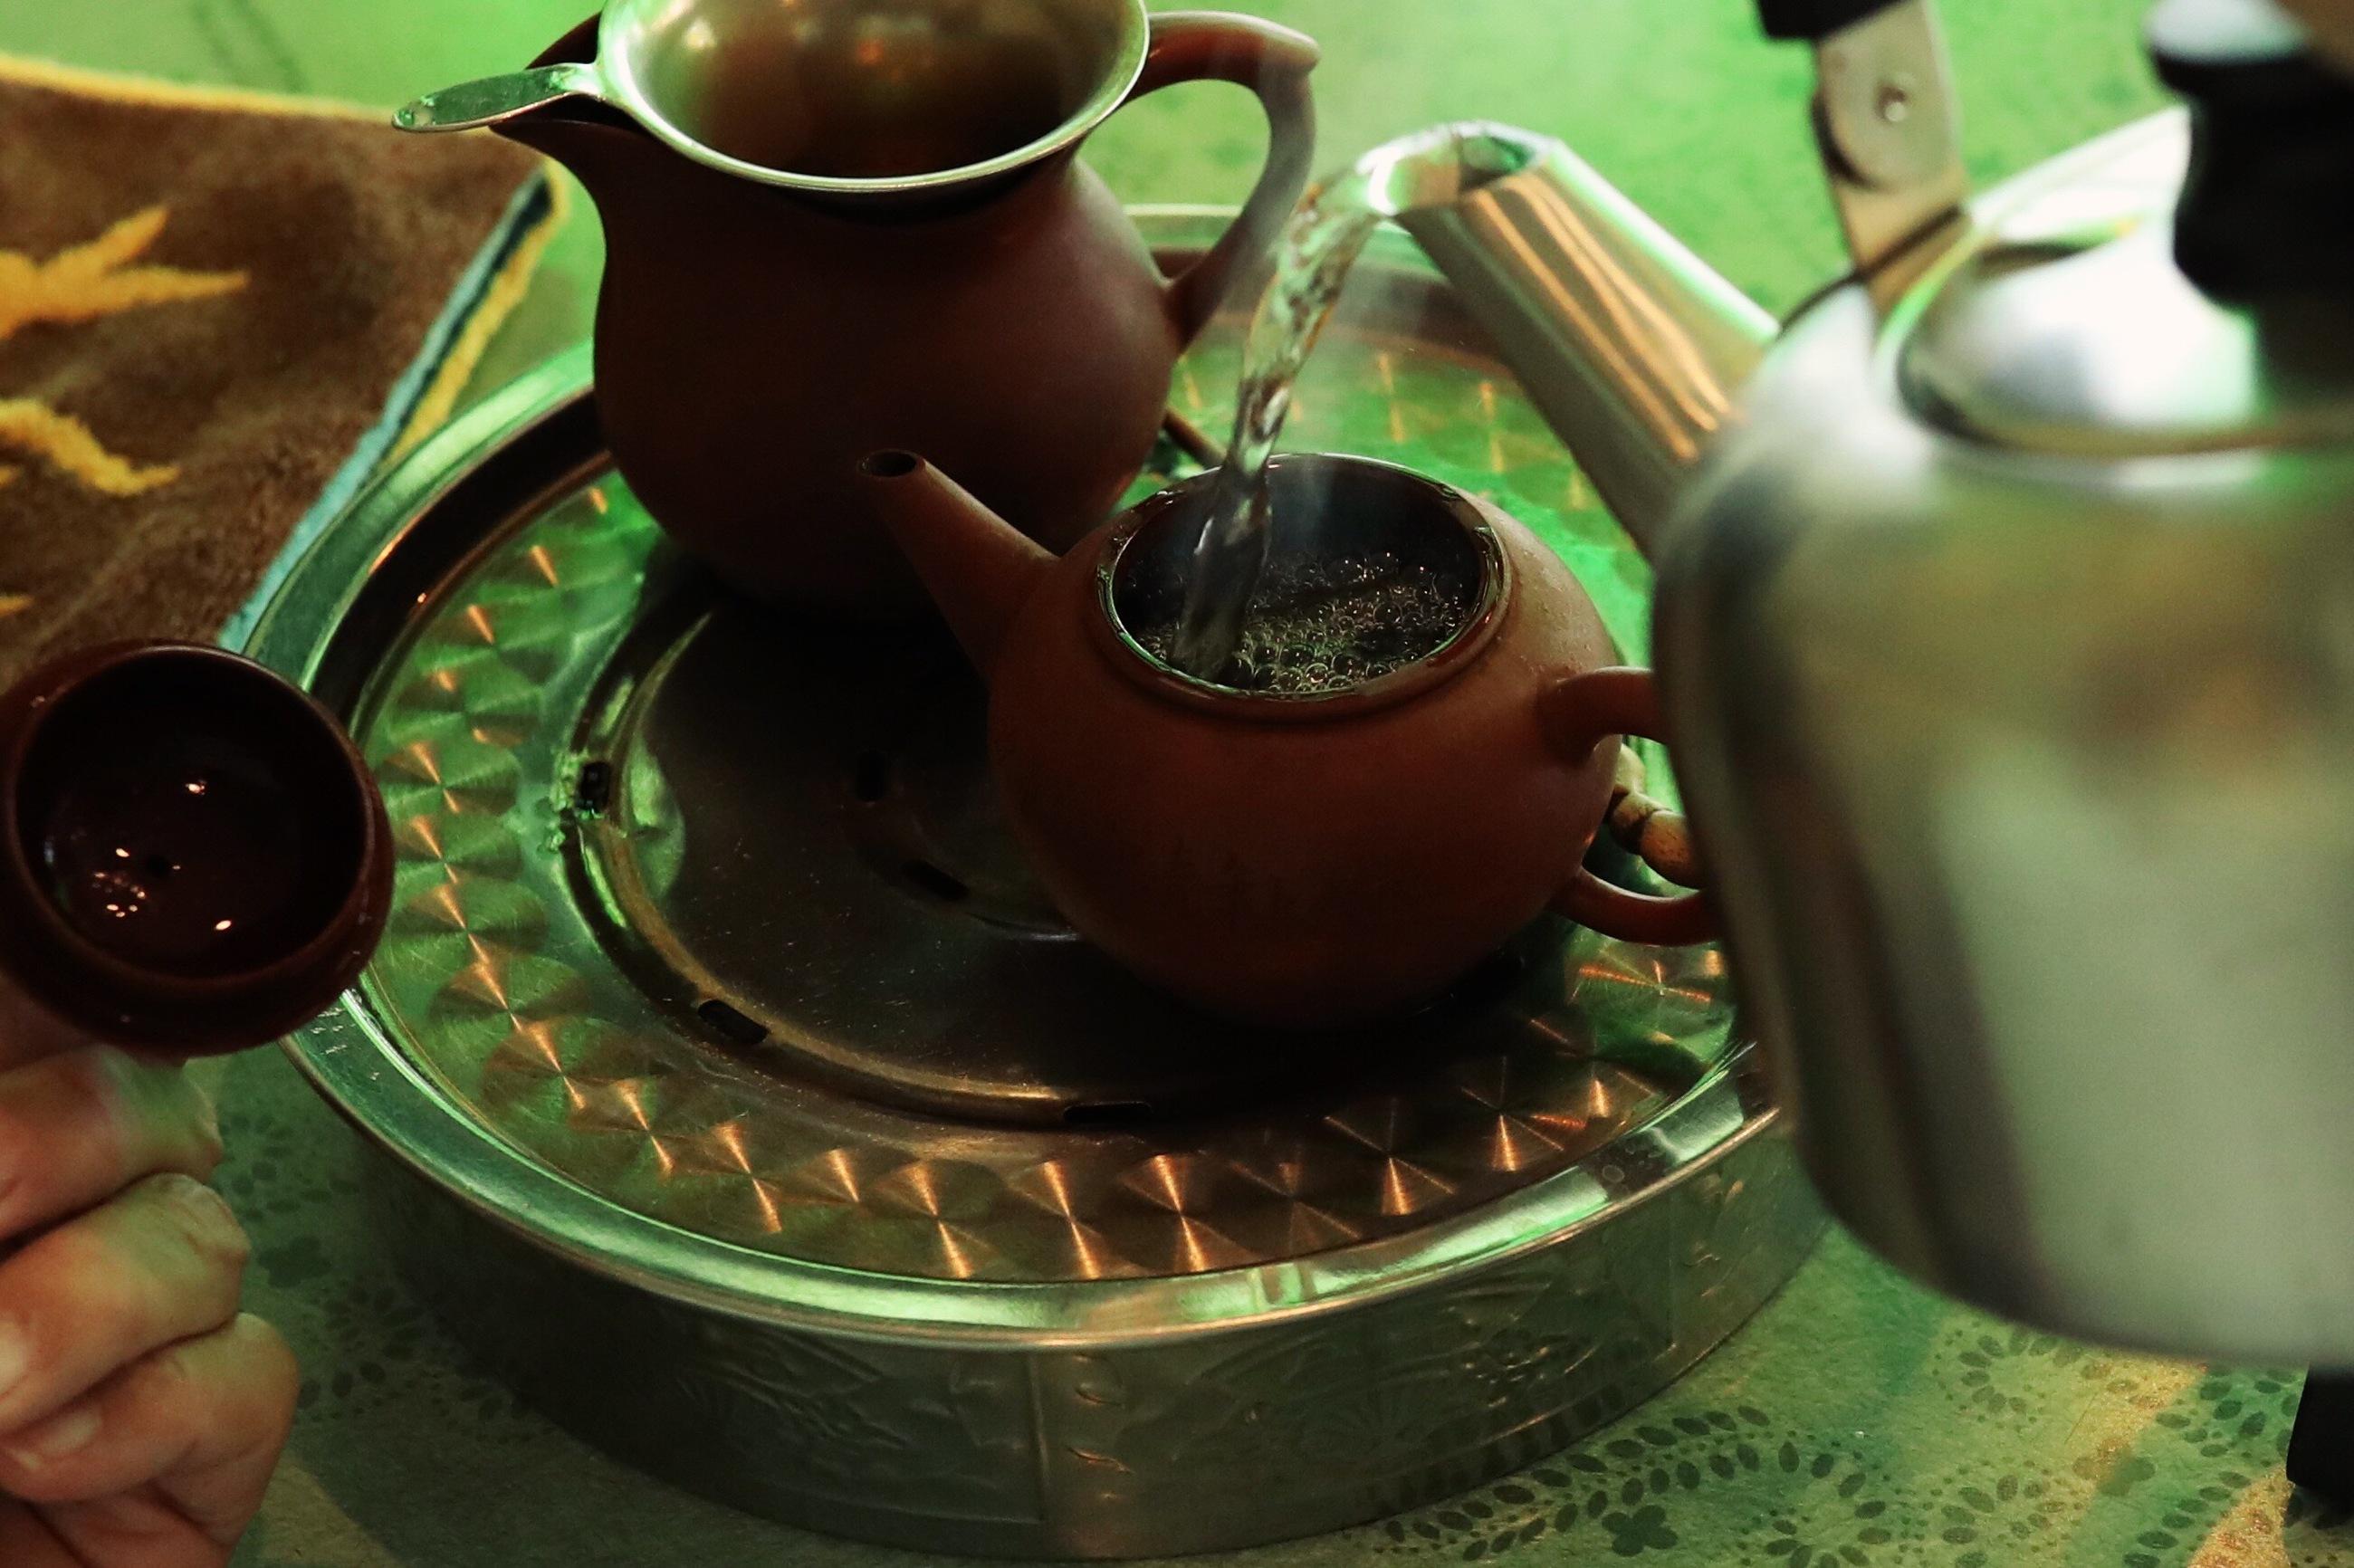 バンブー茶館 高知市の高級中国茶専門店